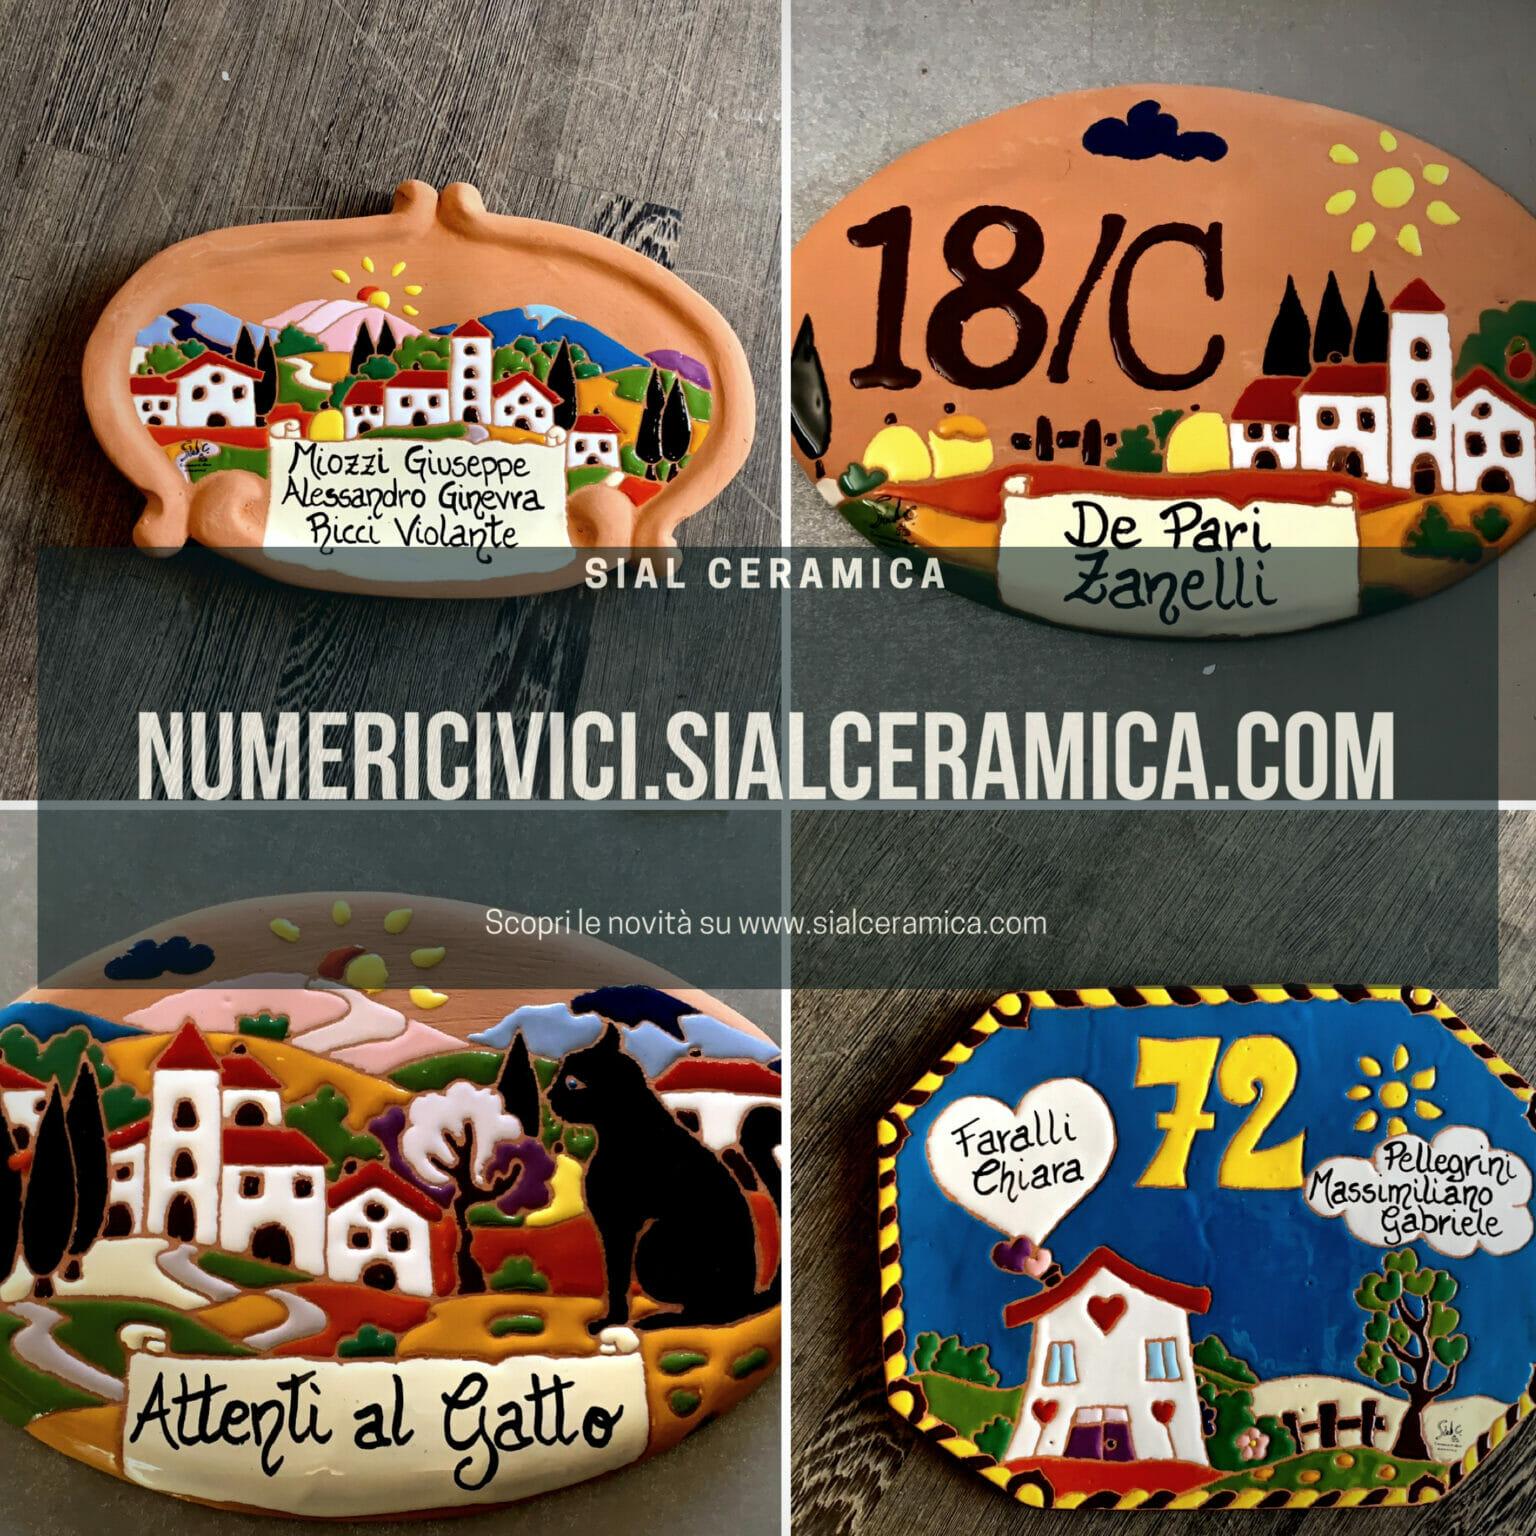 numeri civici - Sial Ceramica